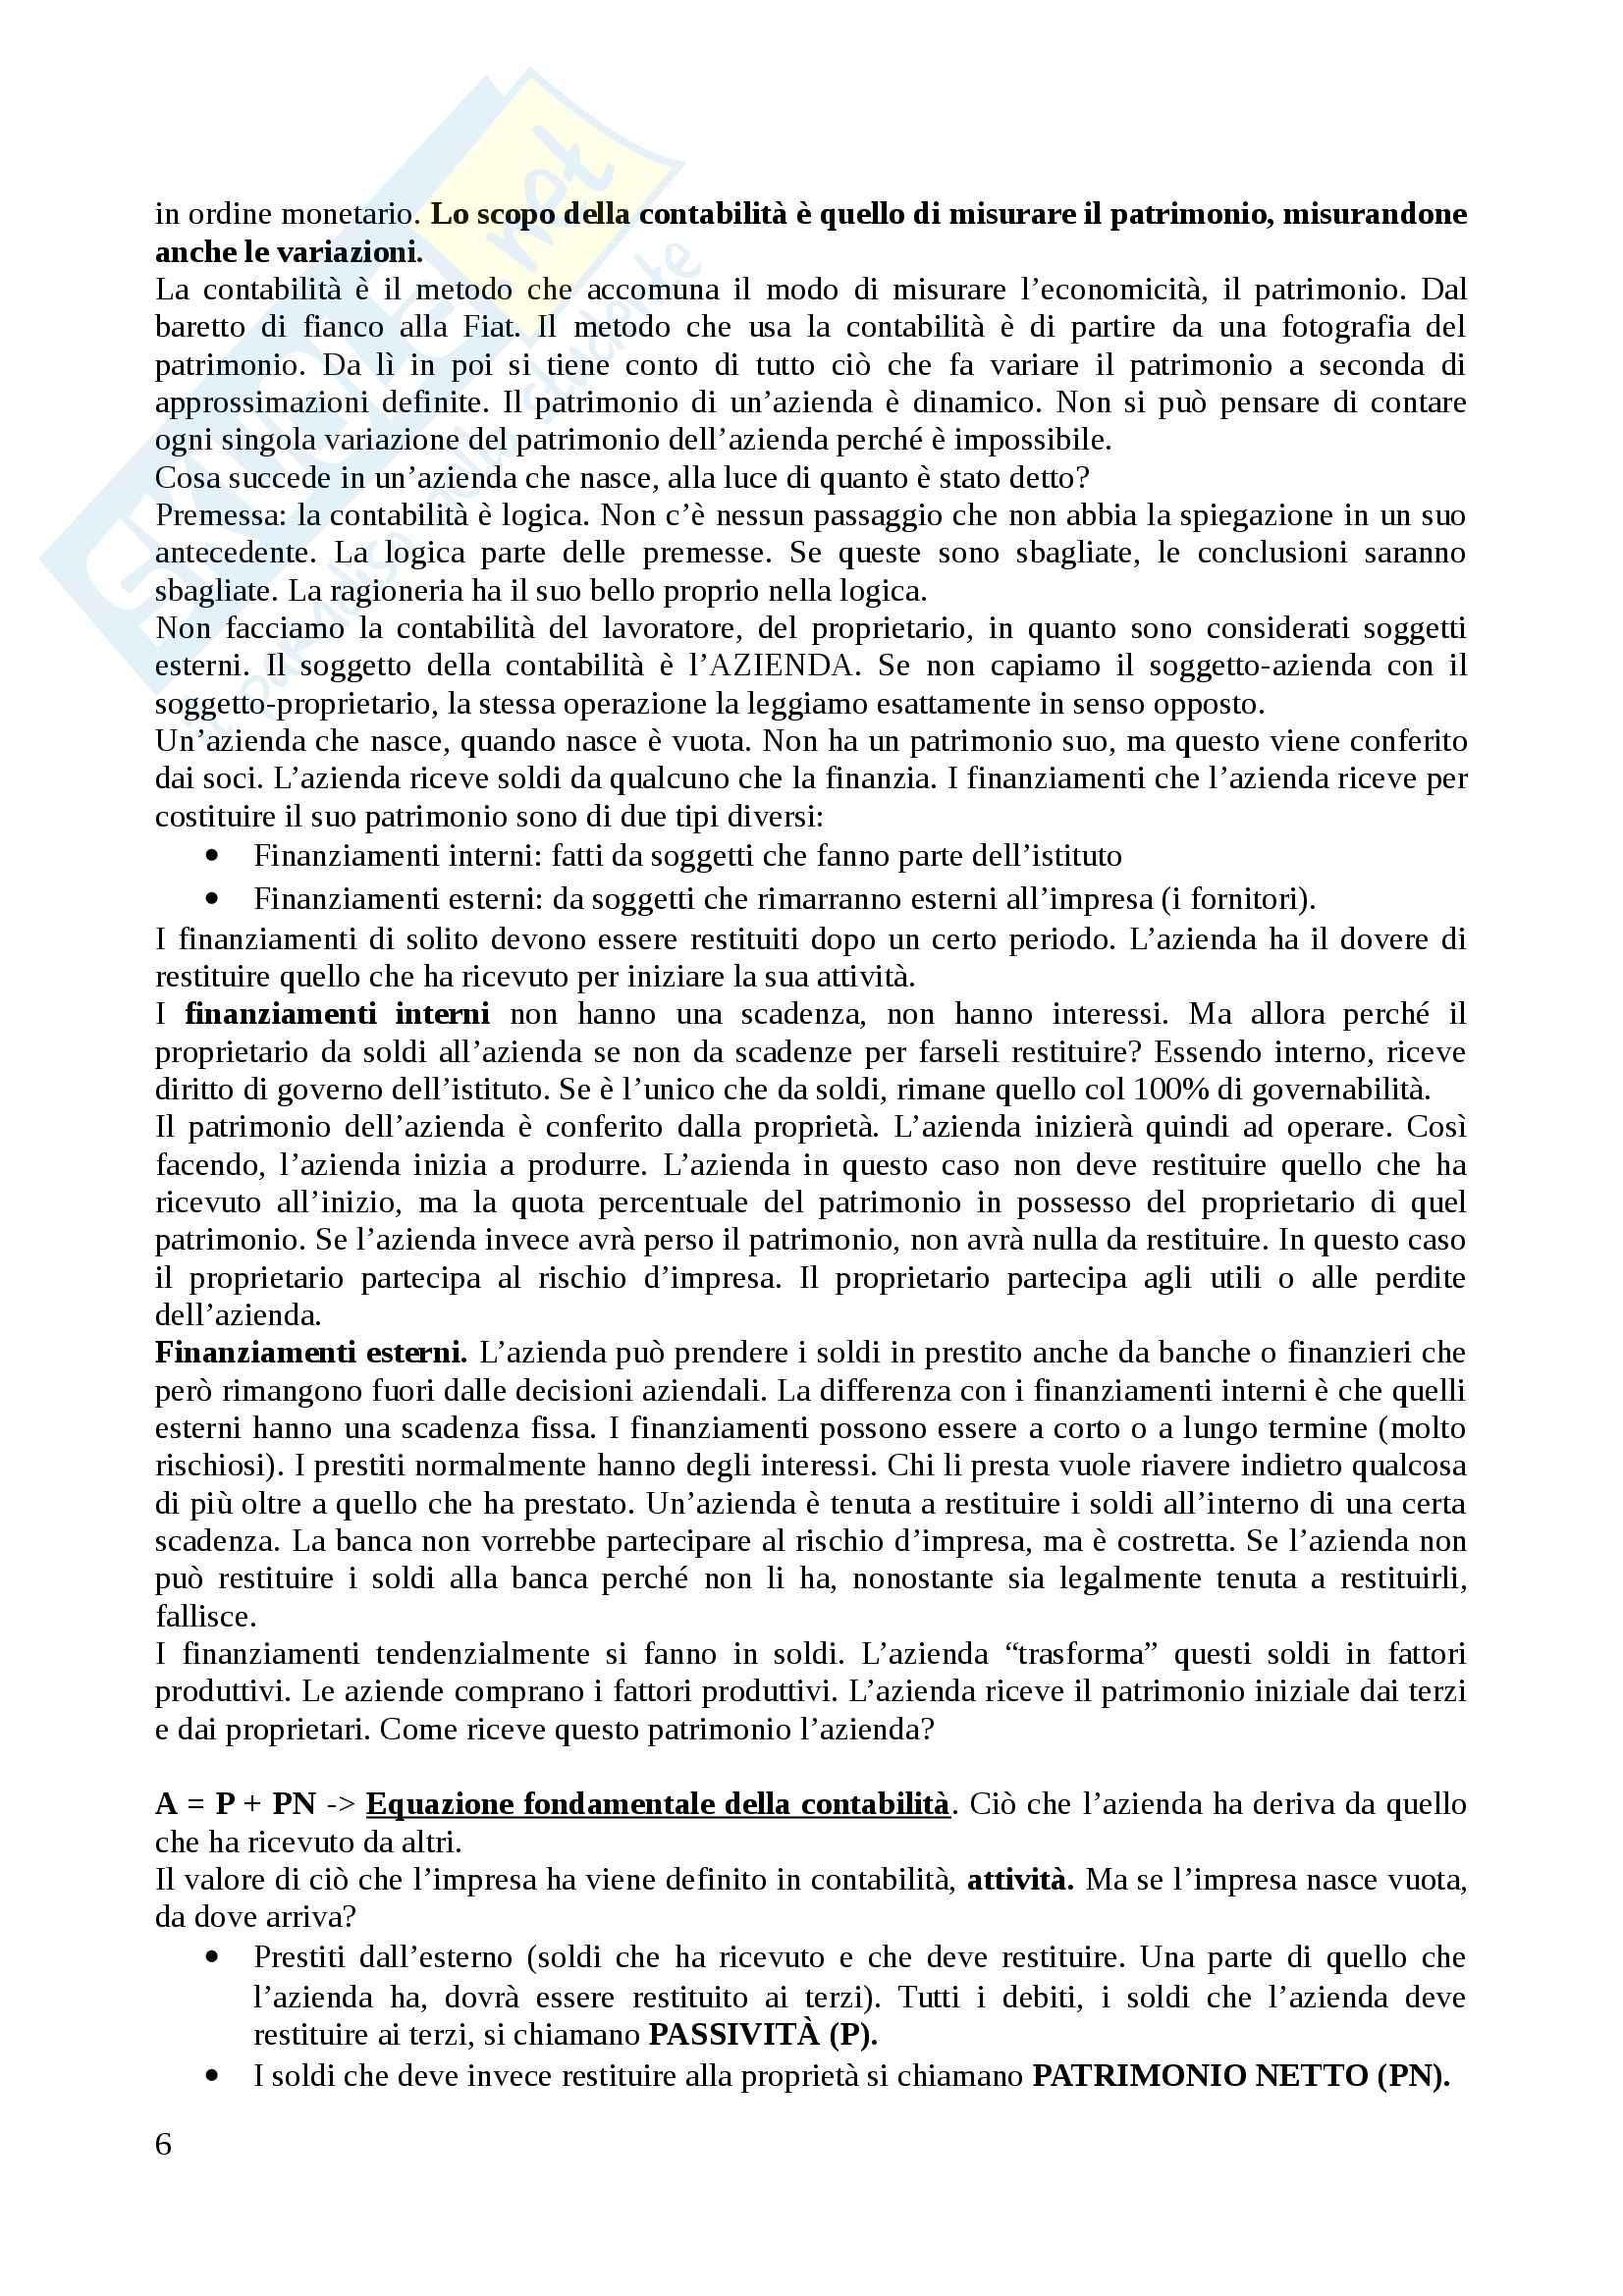 Economia aziendale (modulo 1) - Appunti Pag. 6